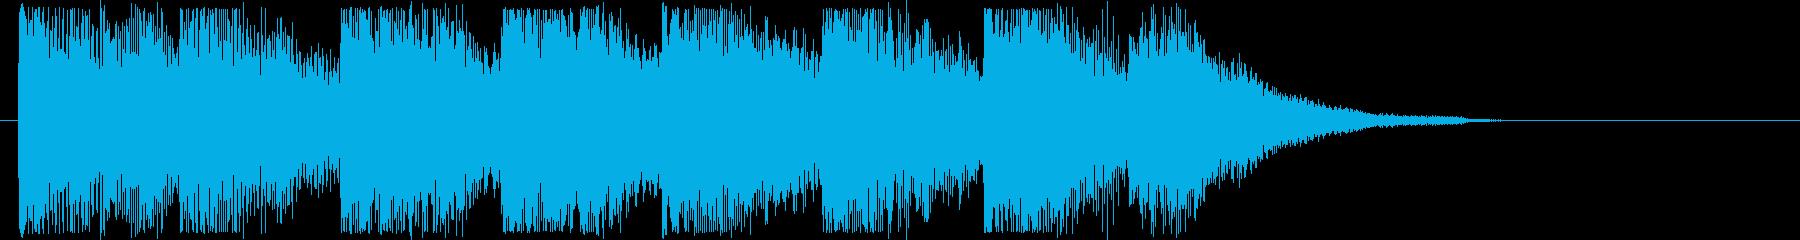 やさしいシンセサウンド短めの再生済みの波形